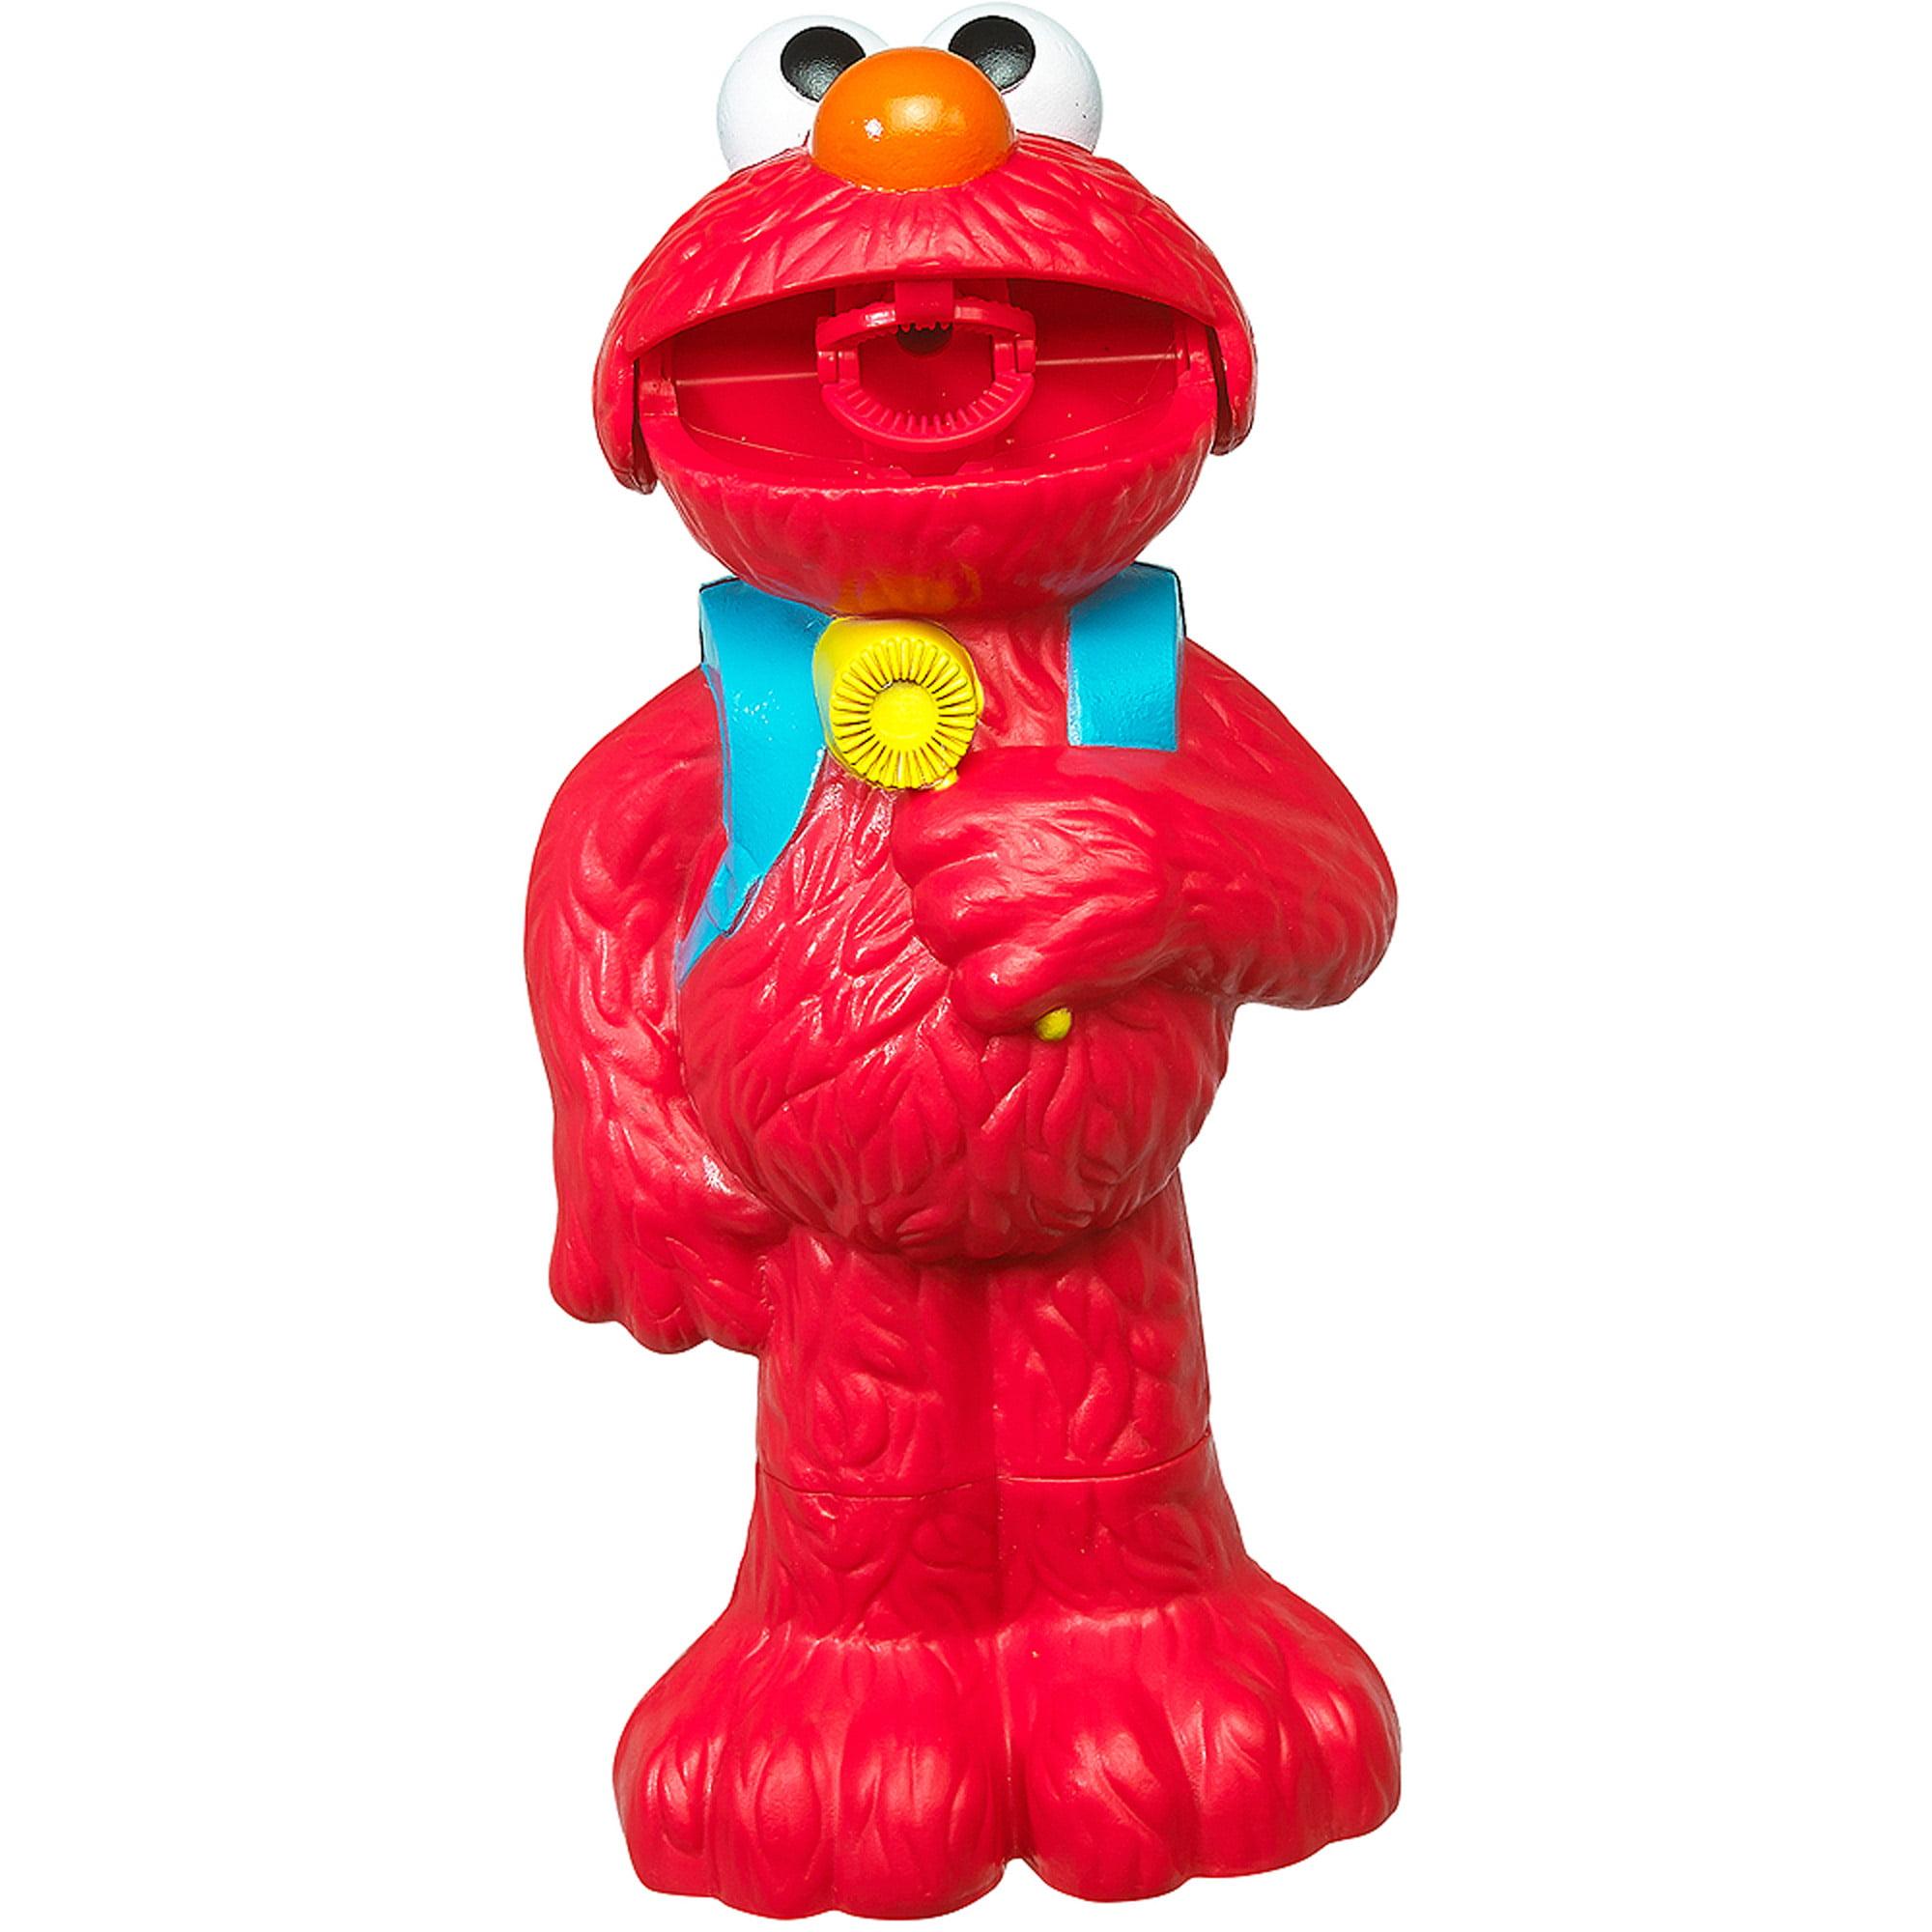 Little Kids Elmo Action Bubble Blower